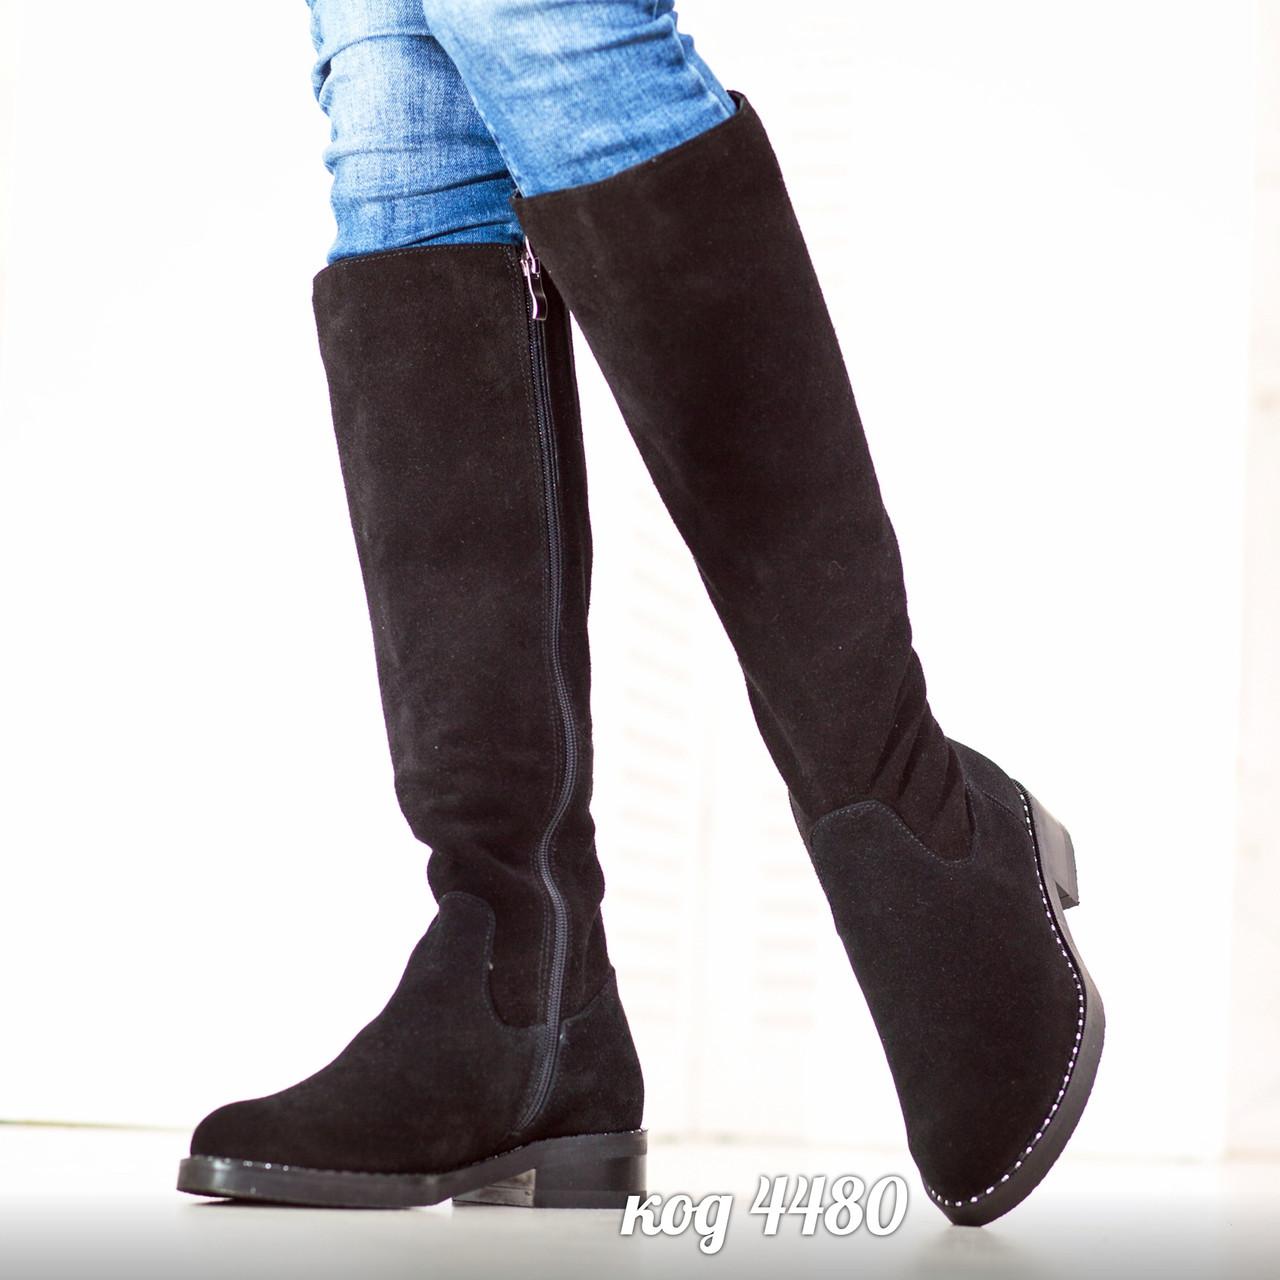 8464668268c9 Женские зимние ЗАМШЕВЫЕ сапоги на низком ходу евро - зима, цена 1 430 грн.,  купить в ...